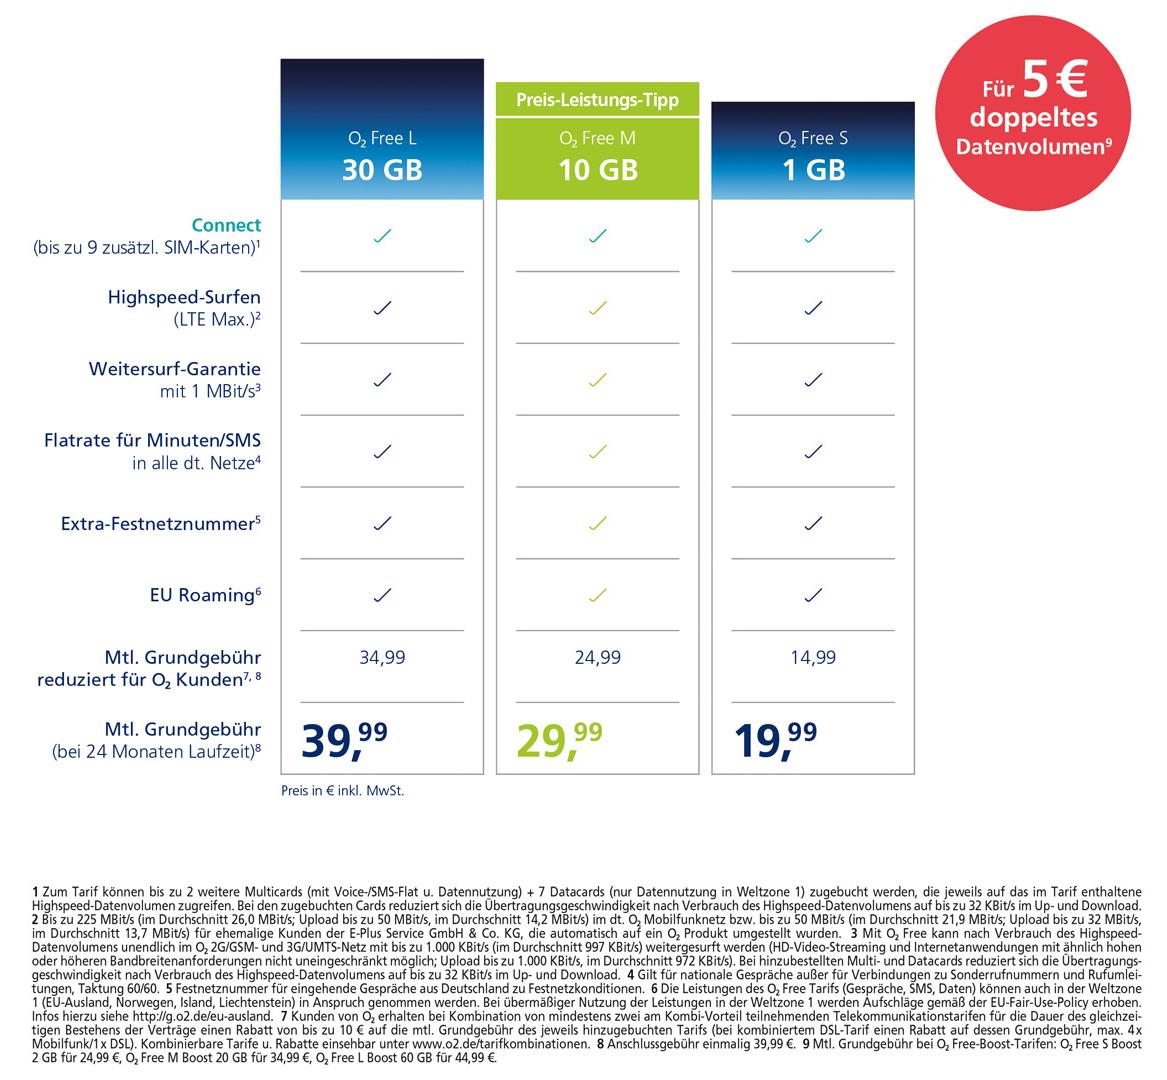 57c23d09b276 Neue Tarife von o2: Bis zu 60 GB Daten und 10 Gratis-SIM-Karten ...